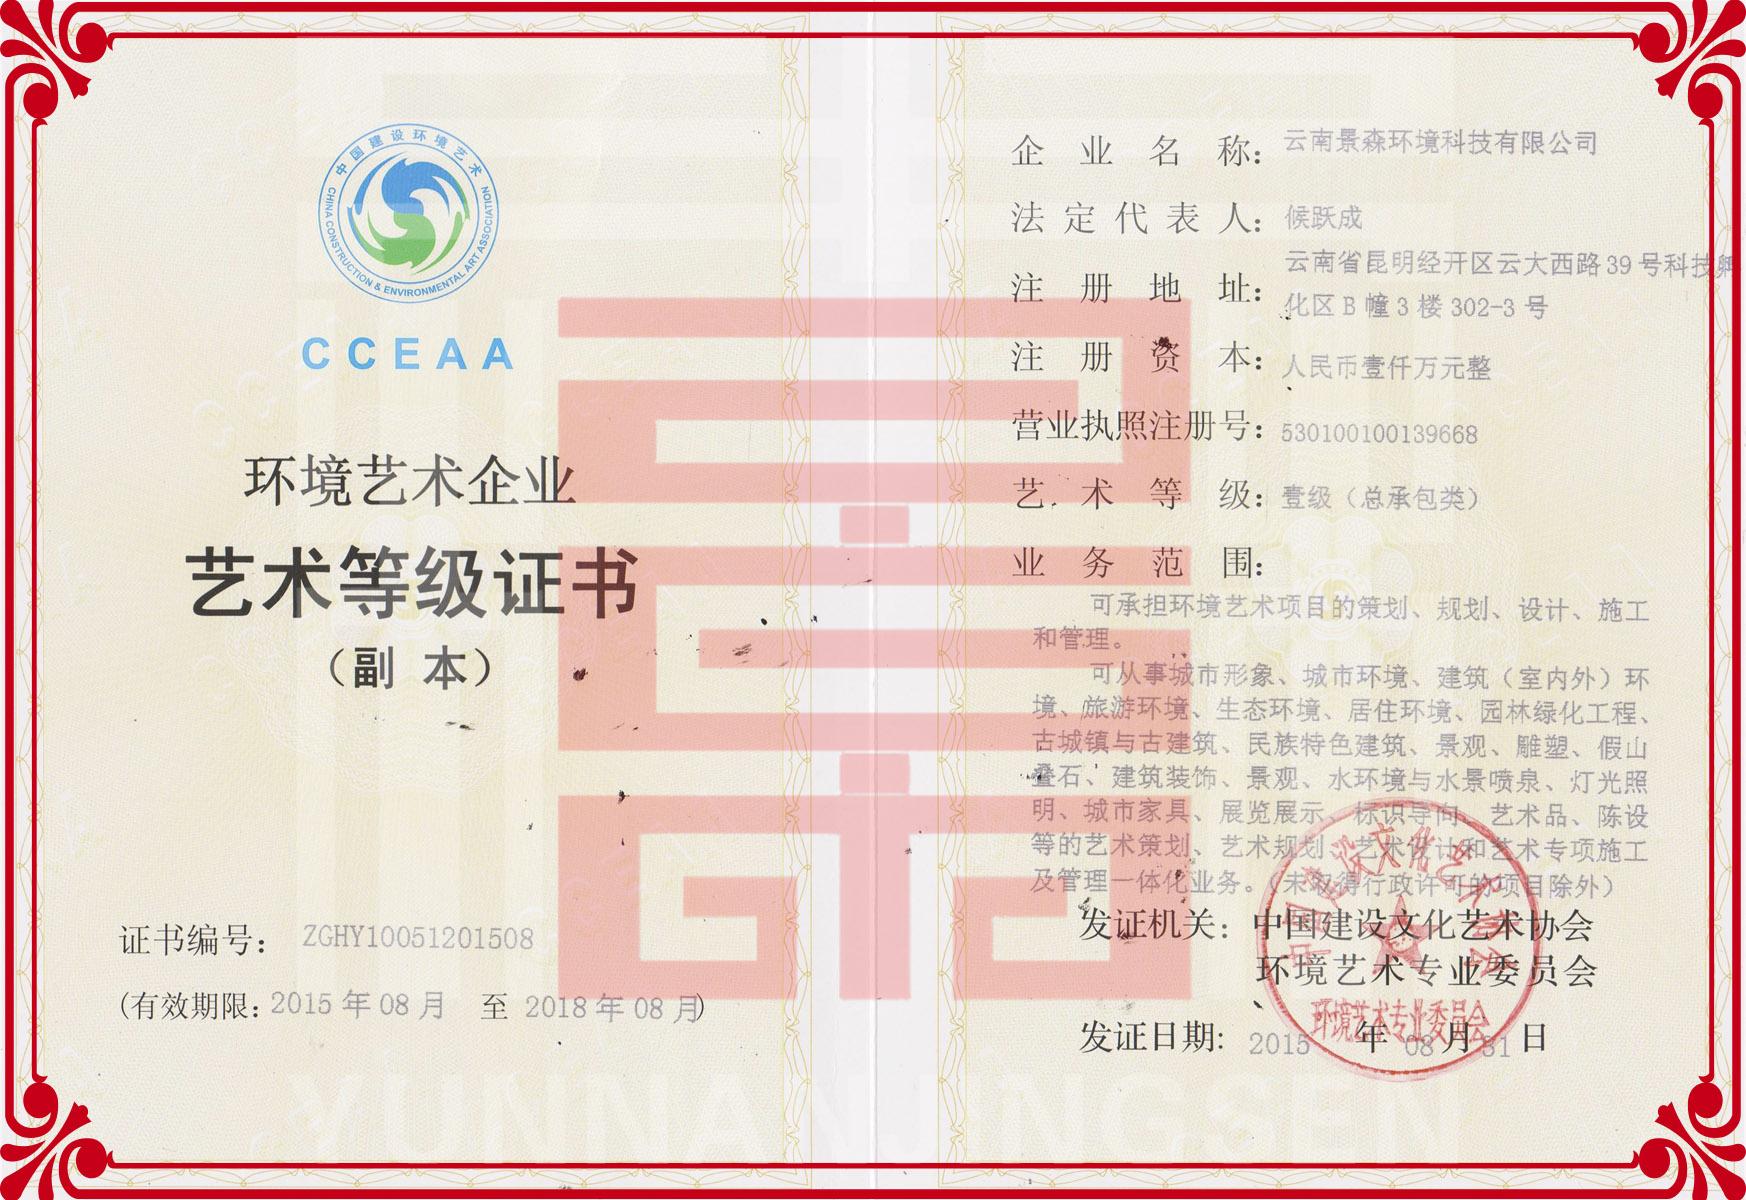 环境艺术等级证书总承包类 (壹级)